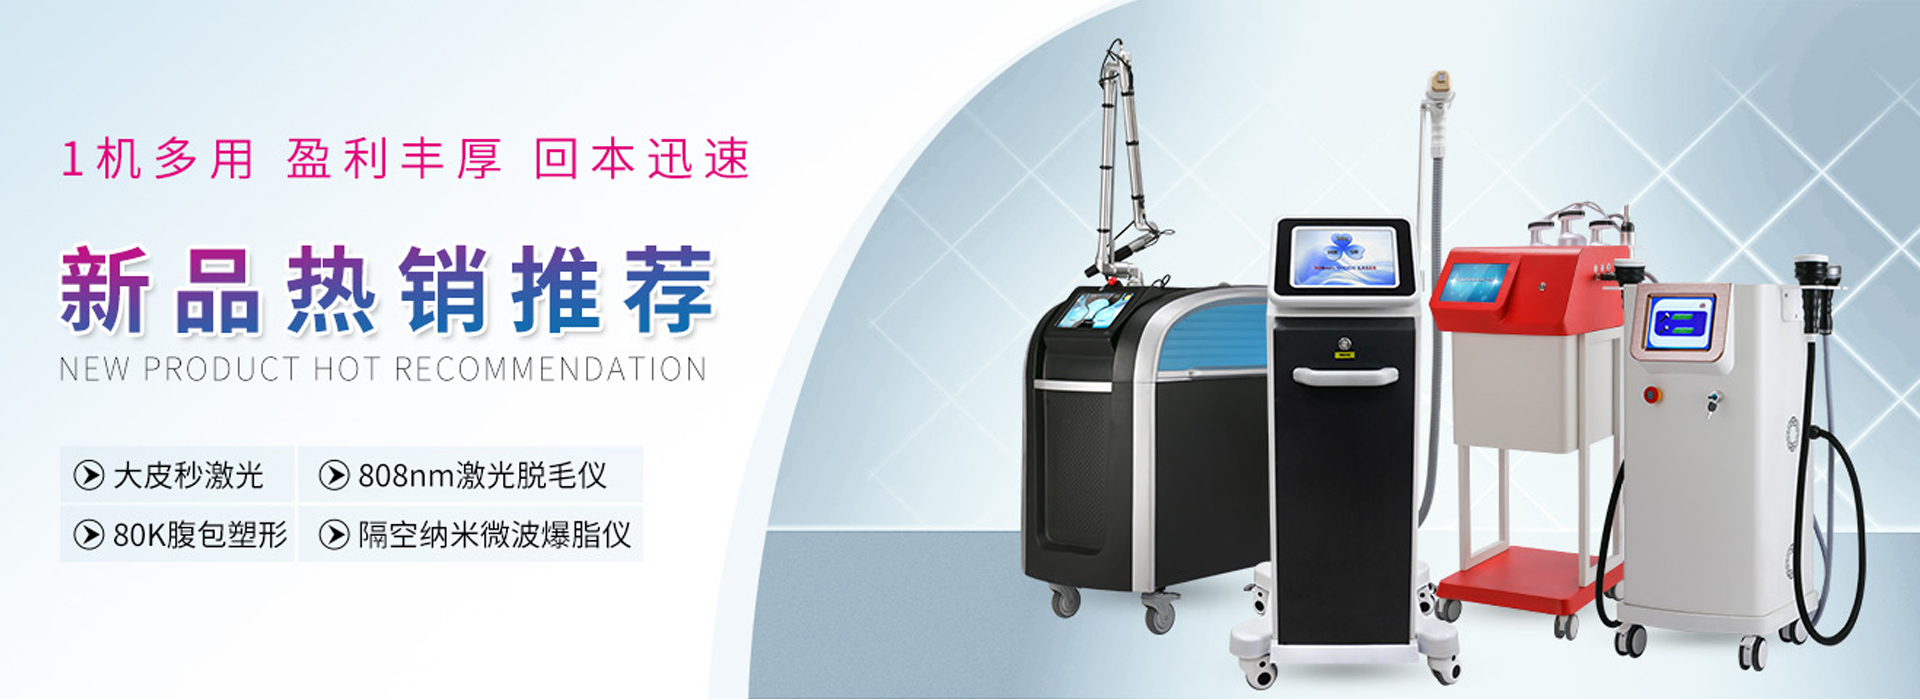 广州磊洋美容仪器厂家的热销新品推荐